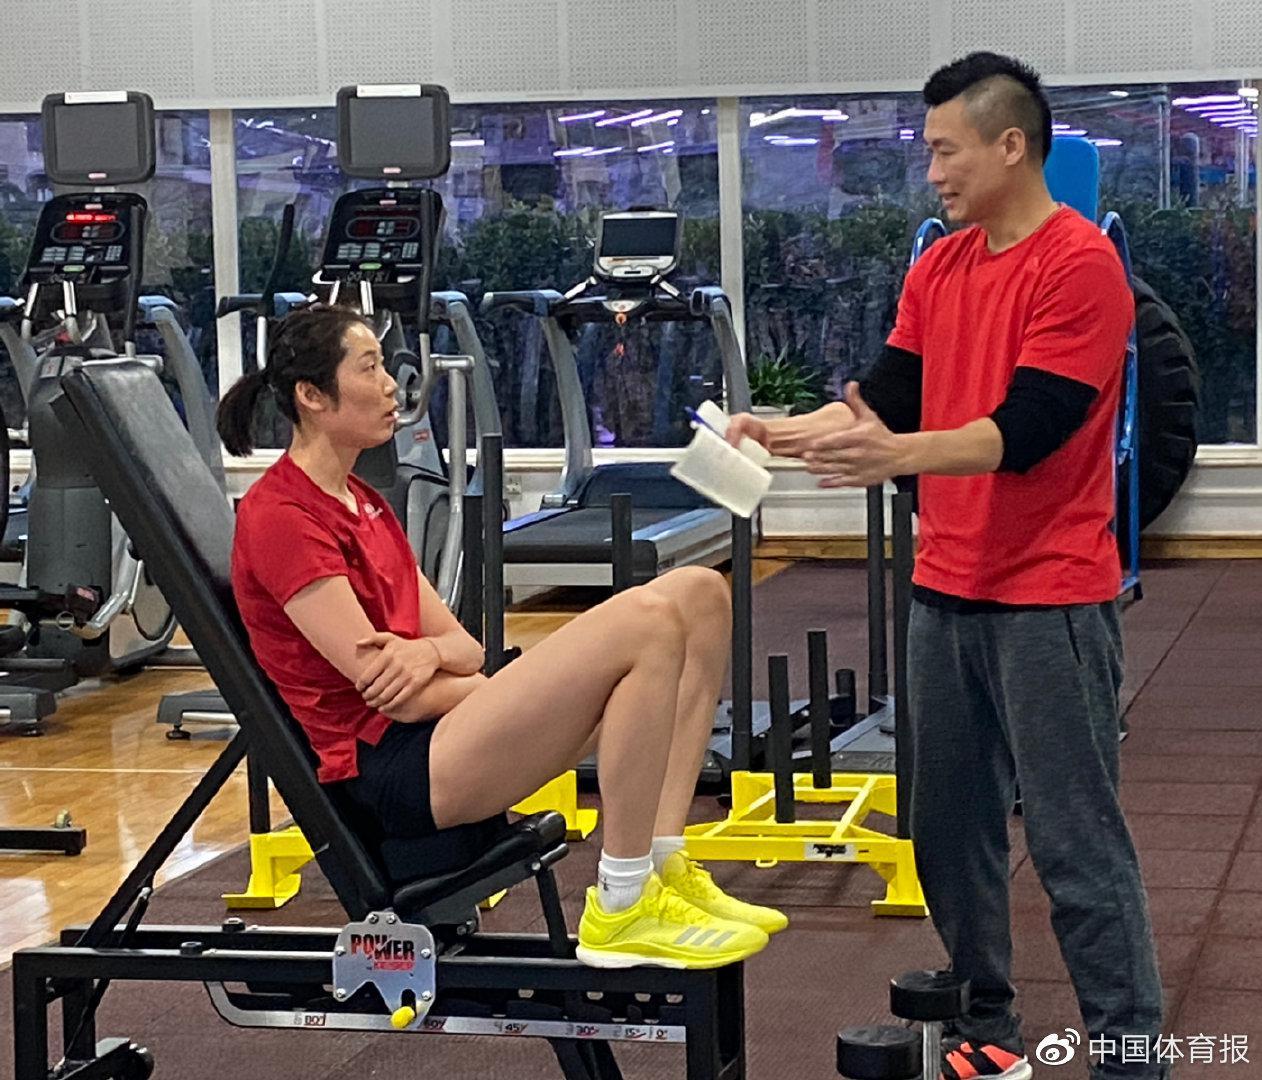 中国女排开启冬训苦练体能计划 朱婷正在进行肌肉力量练习